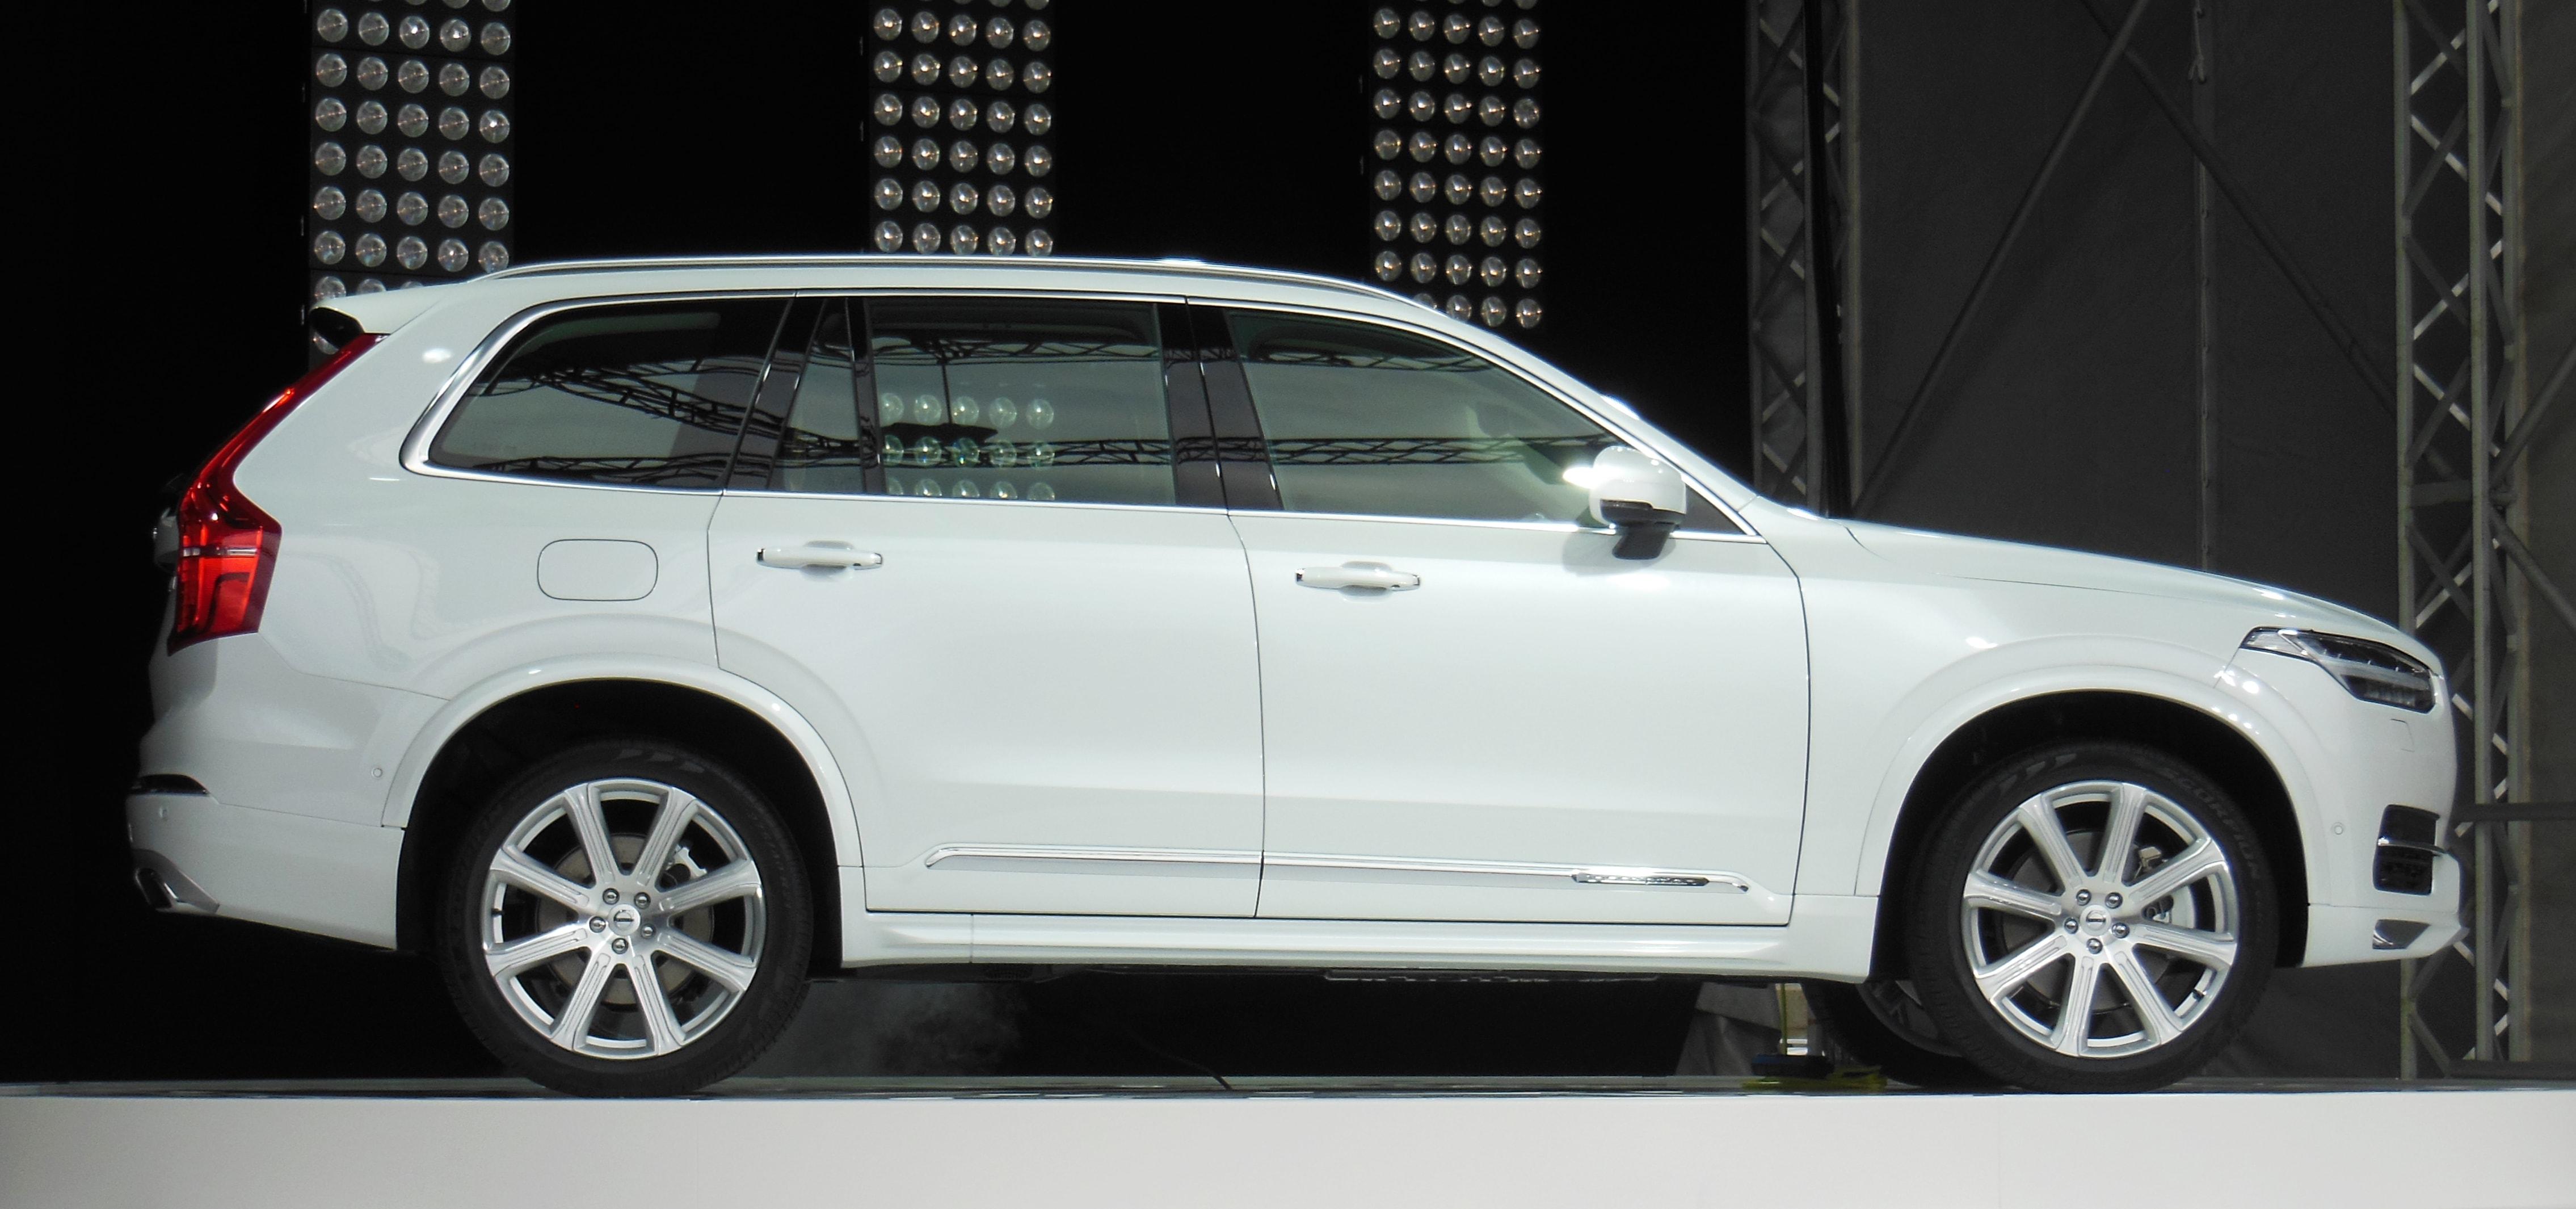 Volvo XC90 II HD